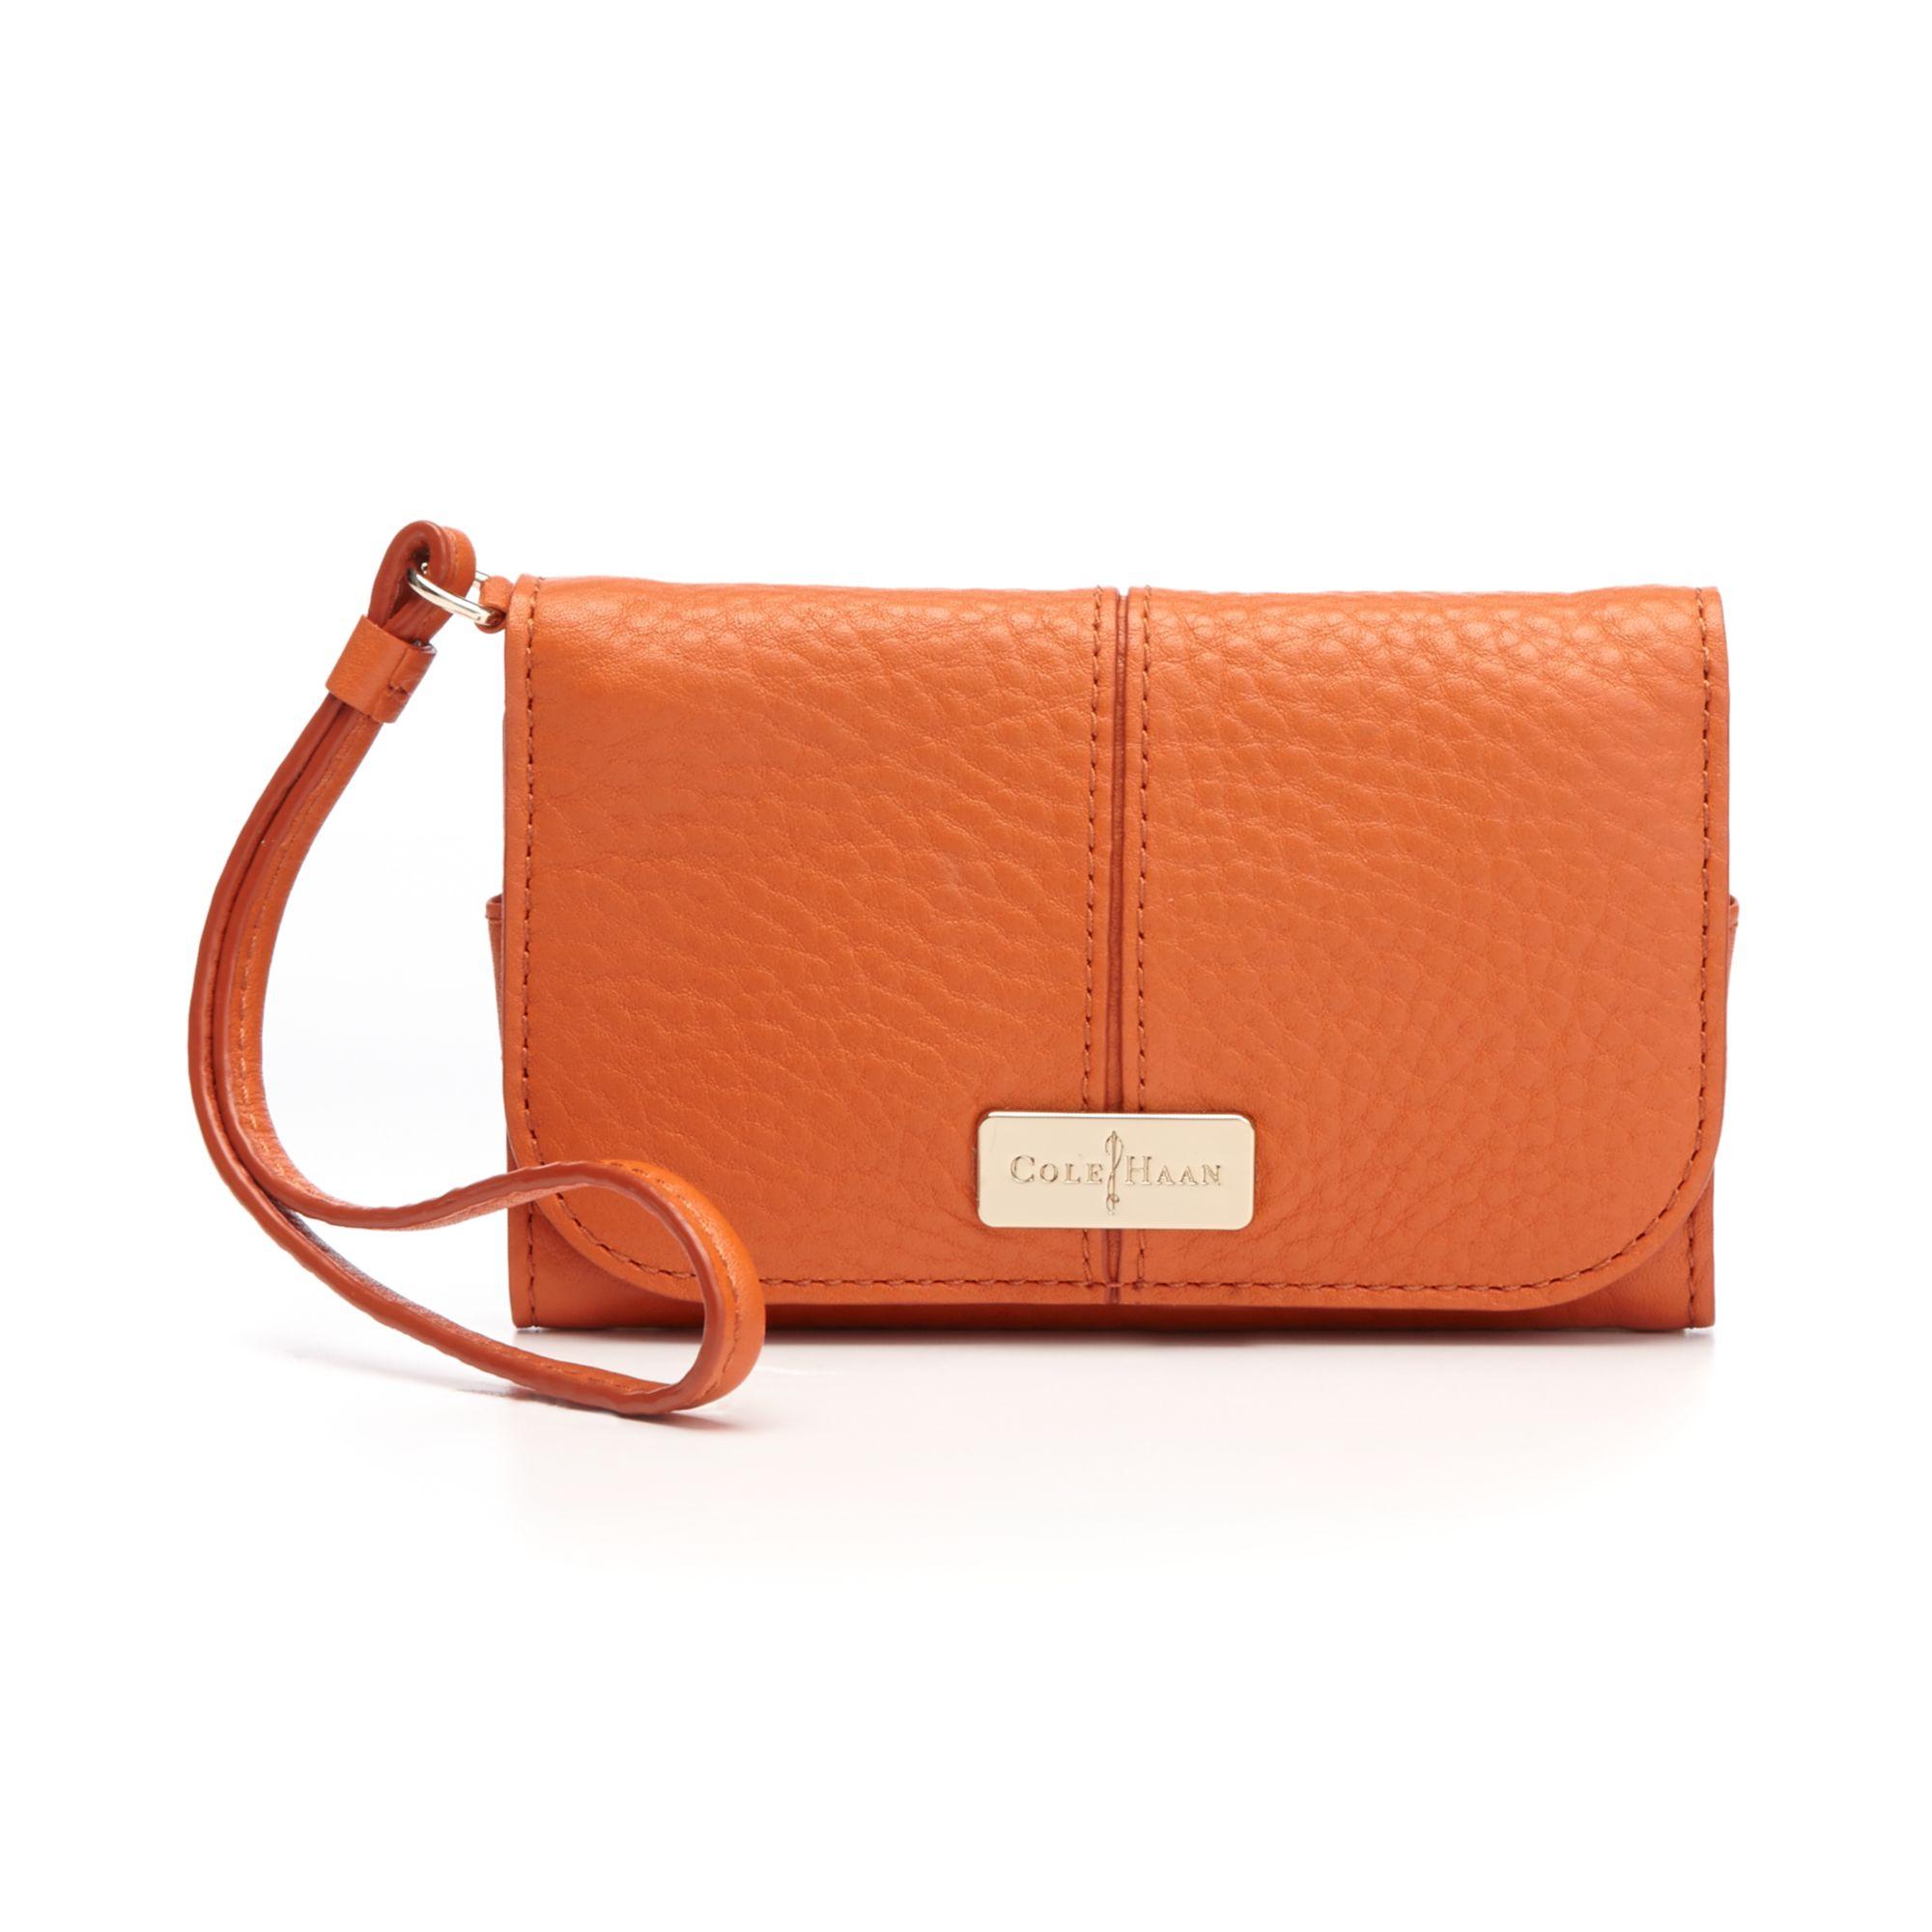 c29e7787438 Lyst - Cole Haan Village Tech Snap Wallet in Orange